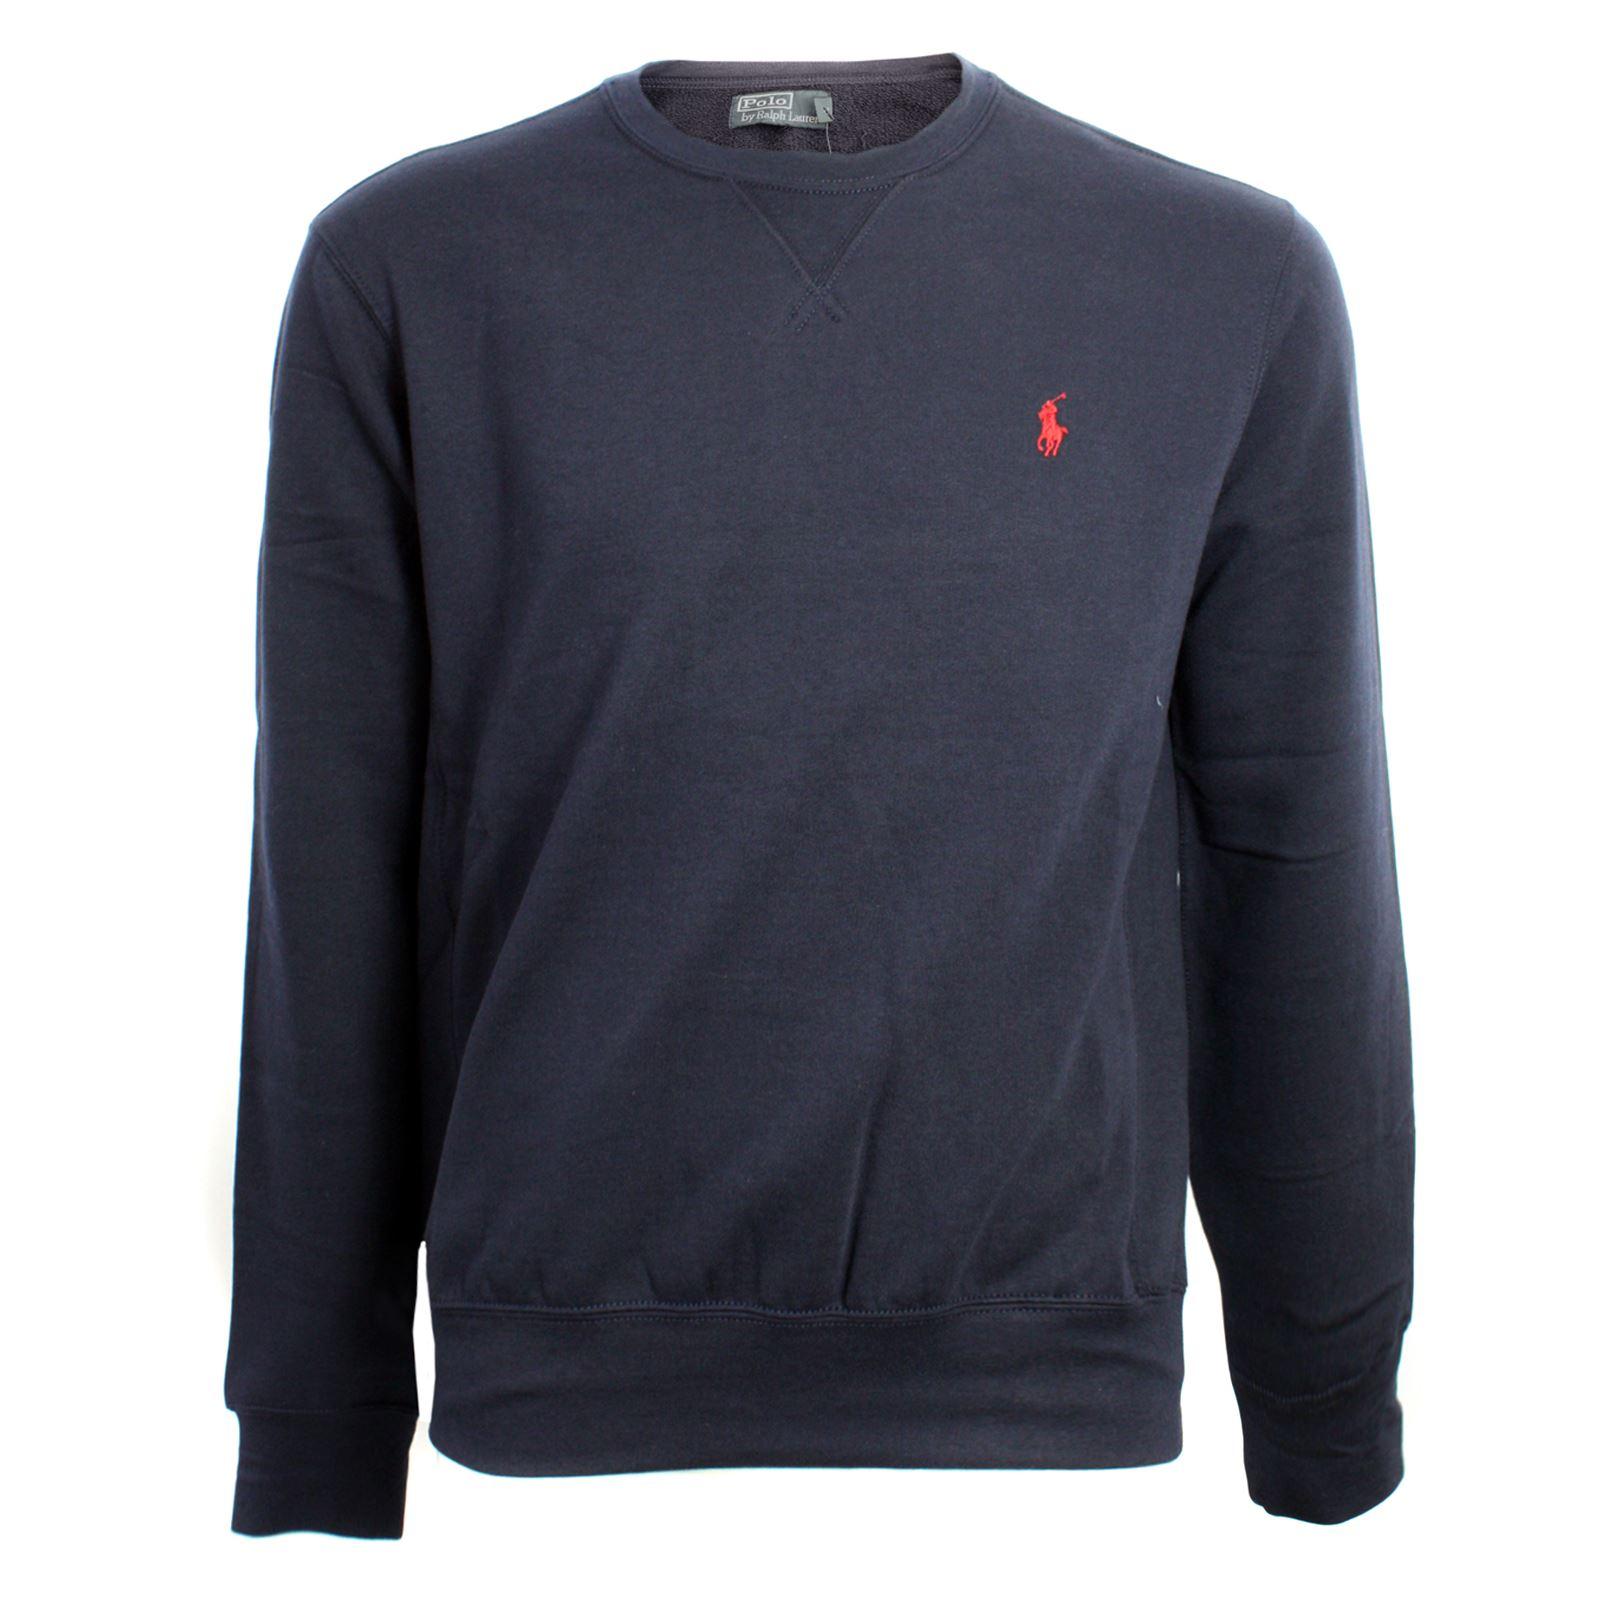 ralph lauren atlantic terry sweatshirt mens navy blue ebay. Black Bedroom Furniture Sets. Home Design Ideas